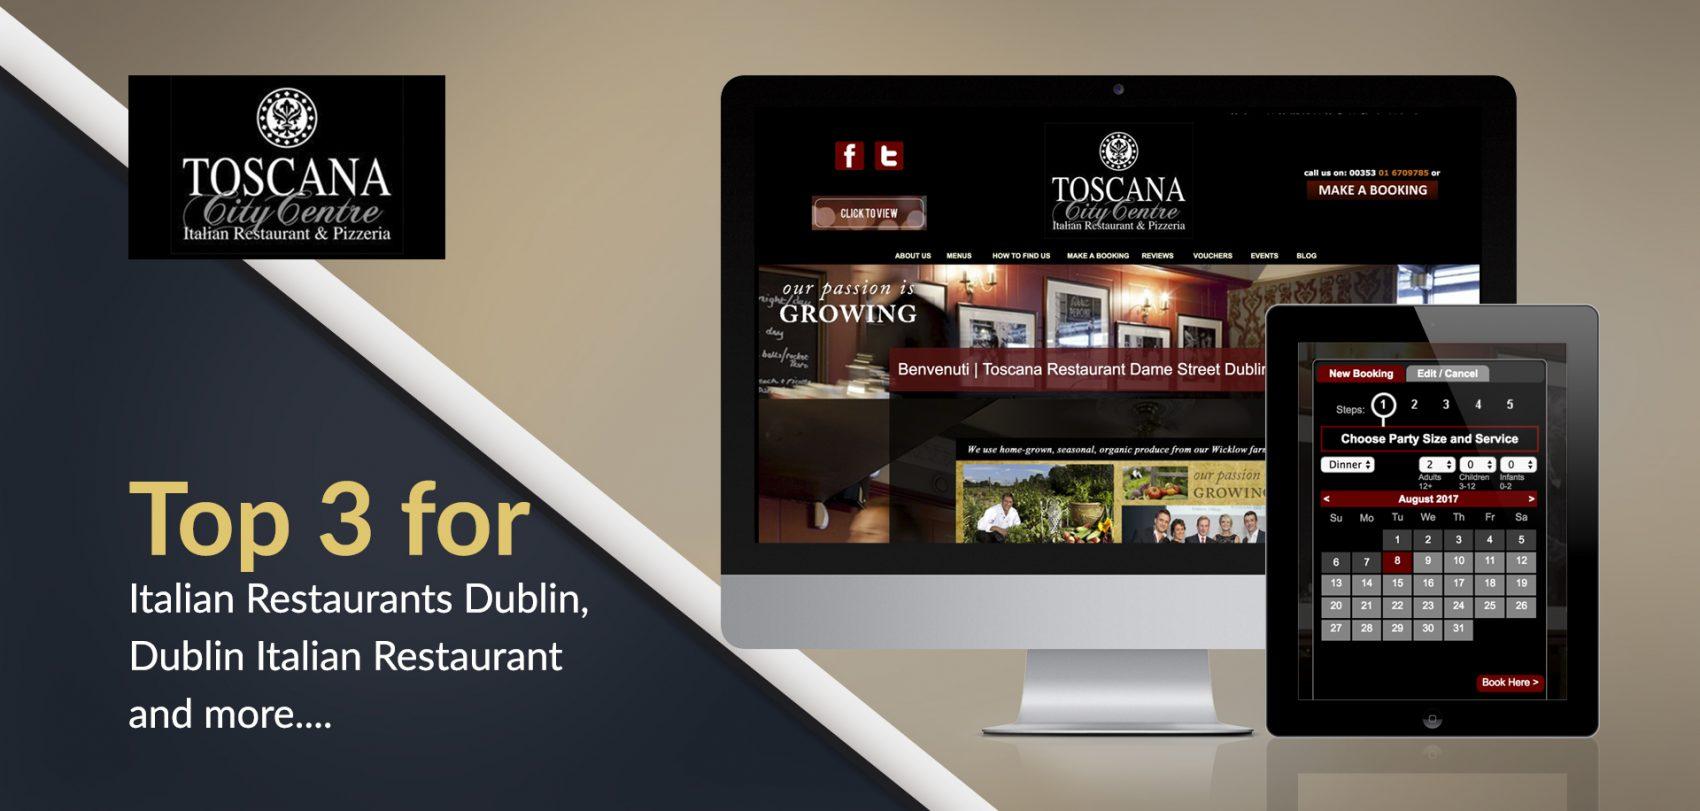 Toscana Restaurant Dublin SEO services